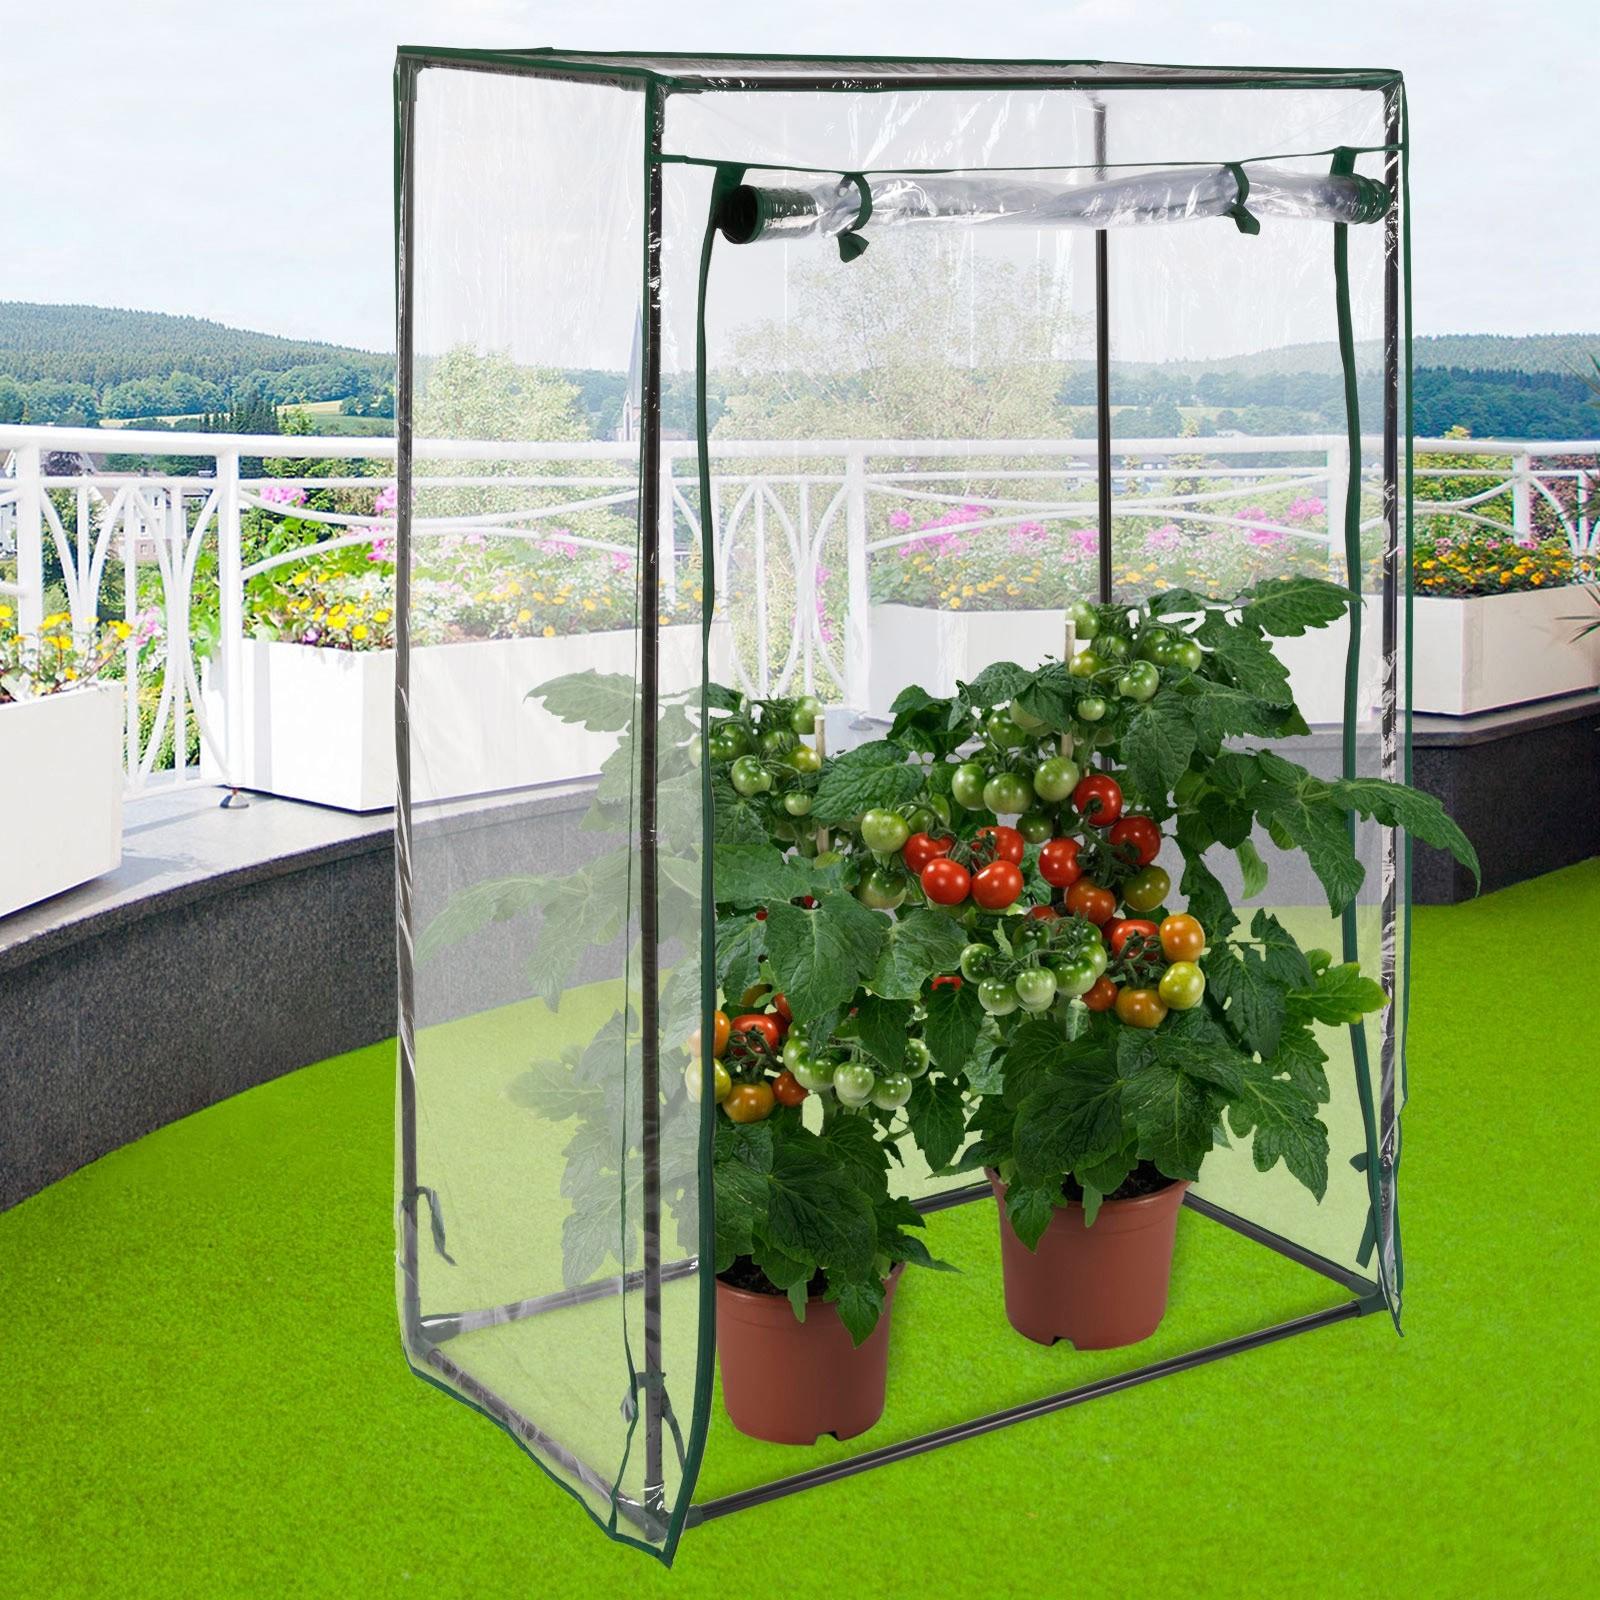 Tomaten Gewachshaus Foliengewachshaus 100 50 150cm